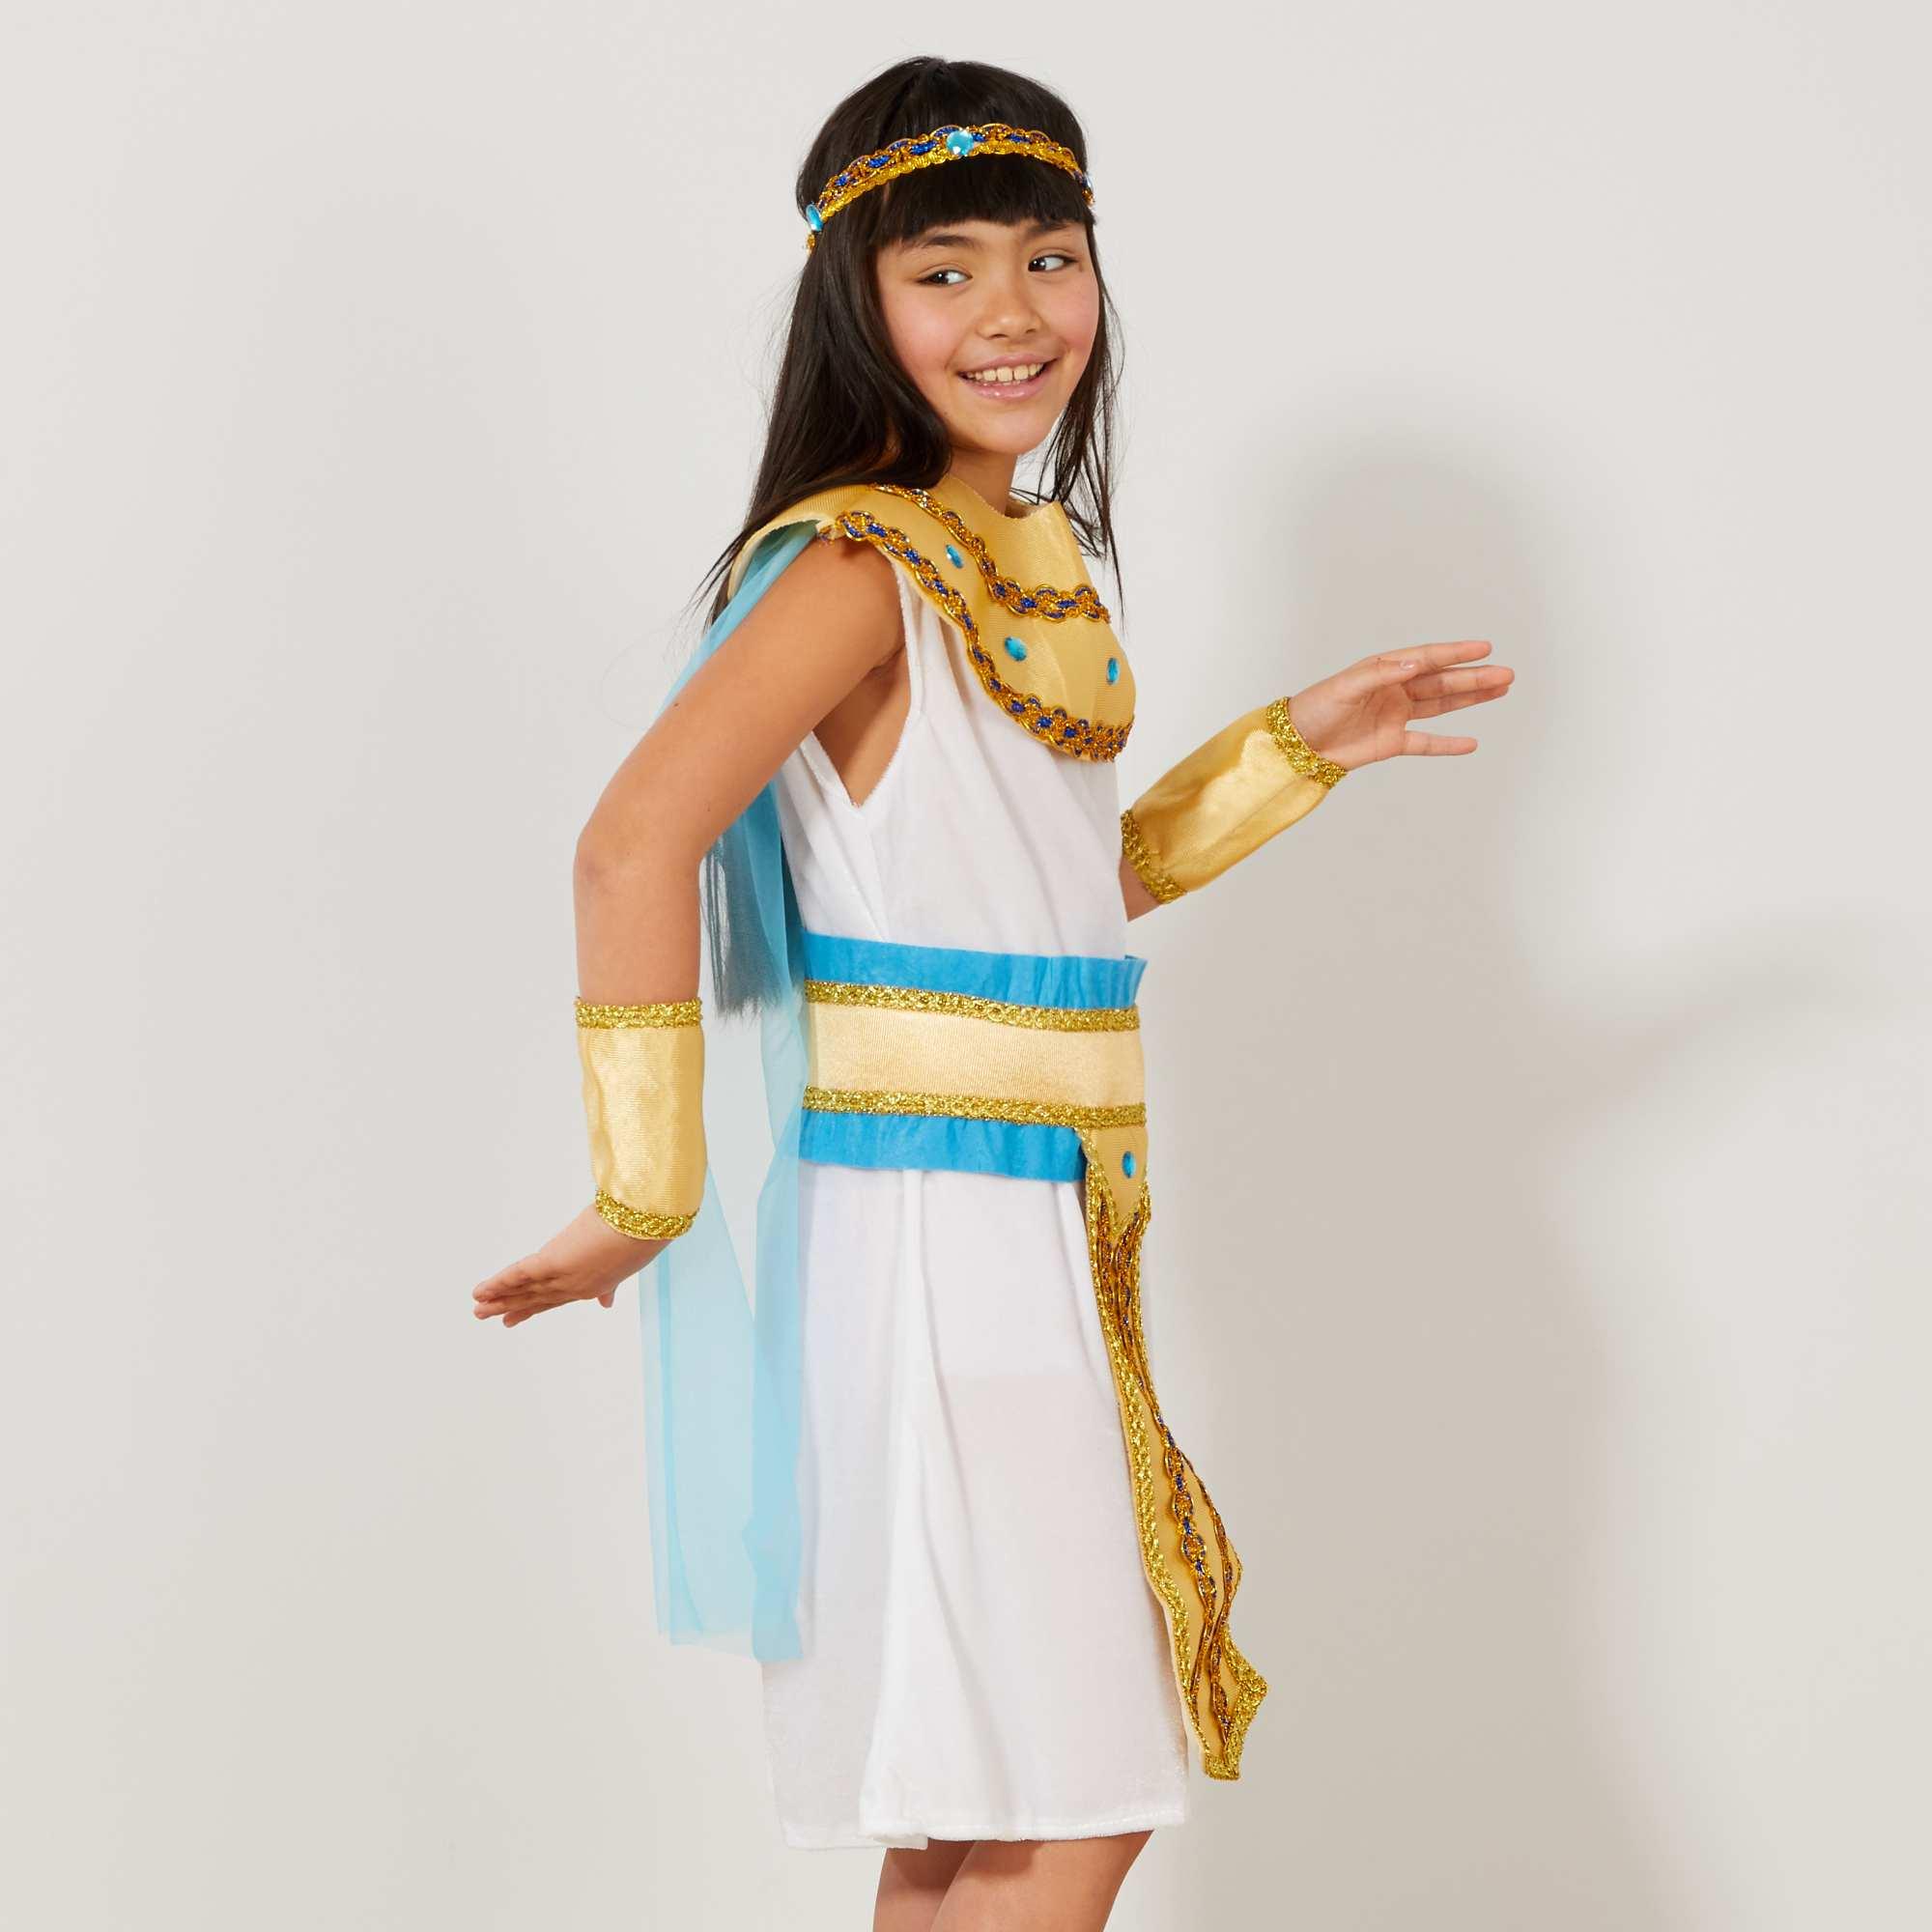 D guisement d 39 gyptienne enfant blanc bleu dor kiabi 22 00 - Deguisement princesse a faire soi meme ...